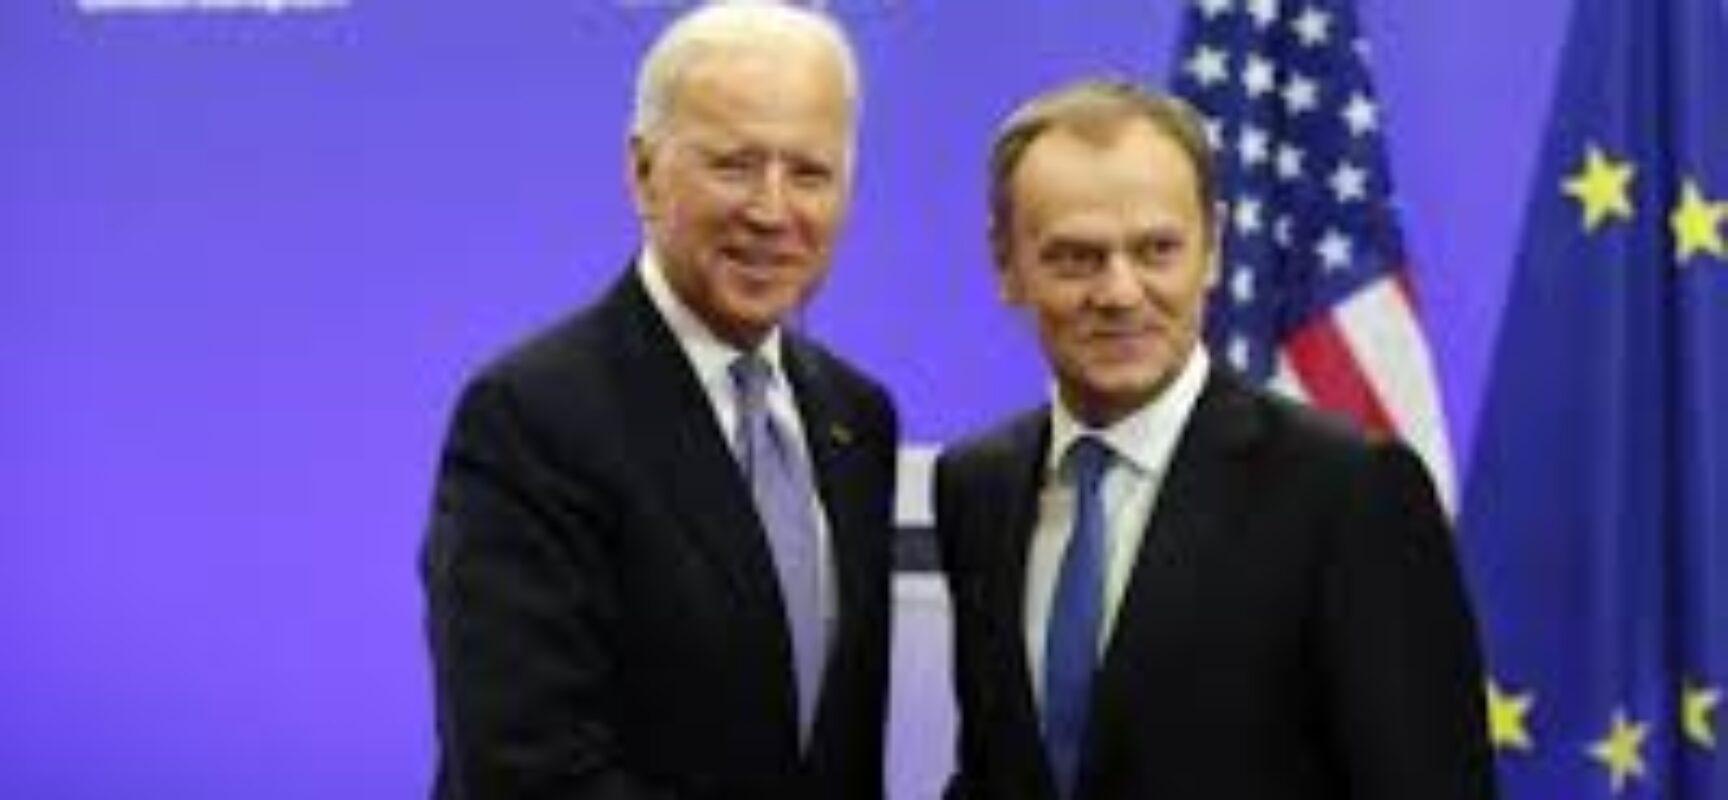 I POSSIBILI VANTAGGI EUROPEI DEL GOVERNO BIDEN-HARRIS